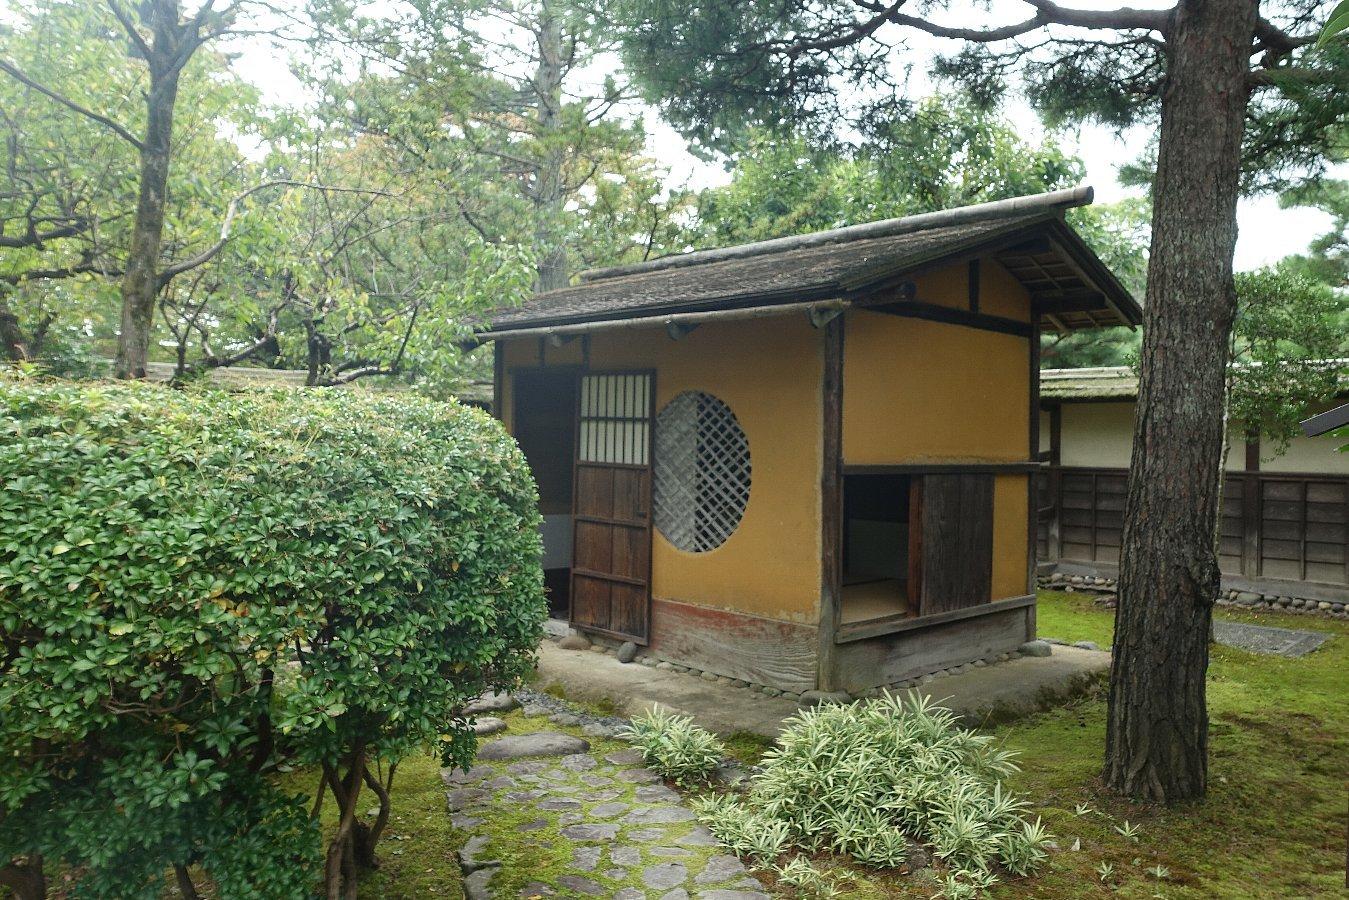 鶴ヶ城公園 茶室「麟閣」_c0112559_08312645.jpg